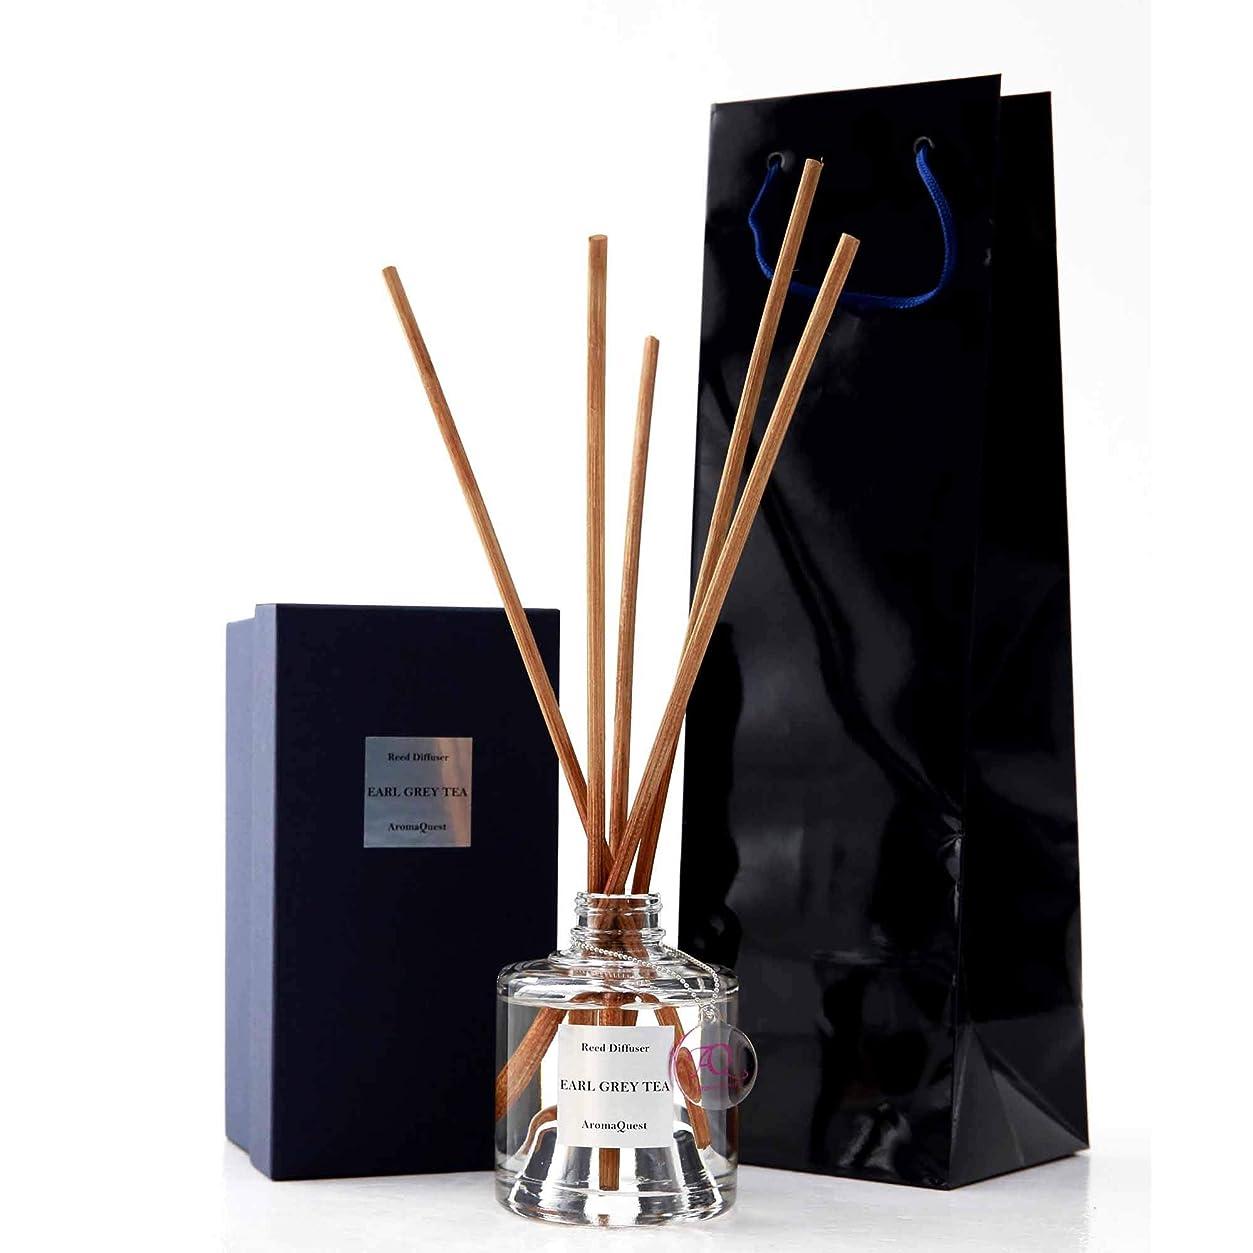 進む虹交差点ルームフレグランス リードディフューザー アロマディフューザー 150ml アールグレイティー EARL GREY TEA 紅茶の香り